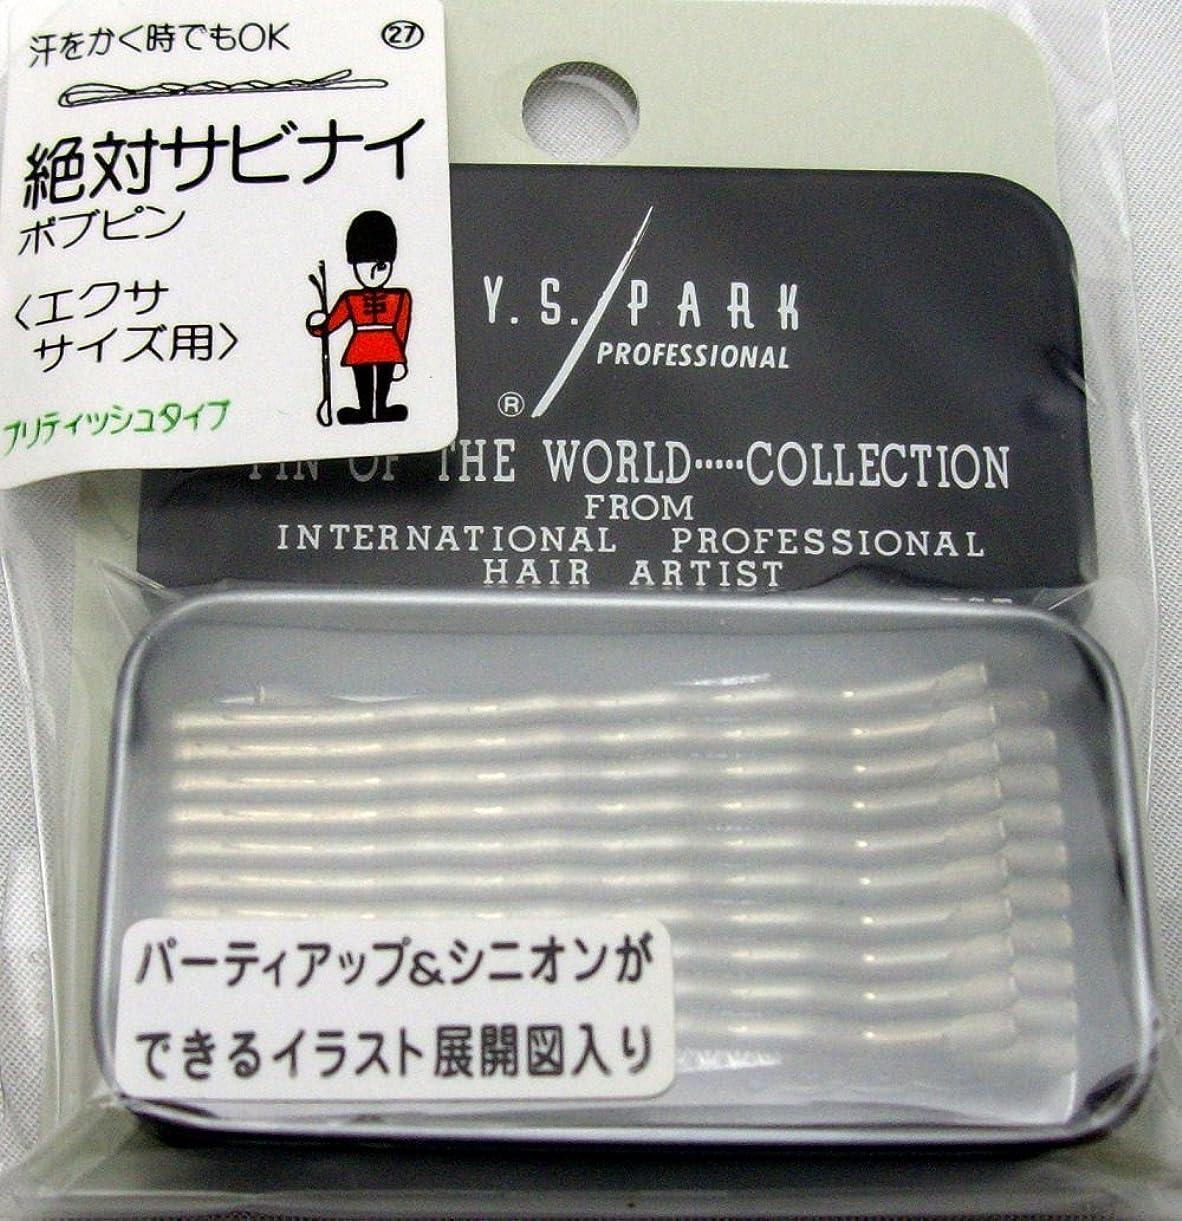 深いハイブリッドが欲しいY.S.PARK 世界のヘアピンコレクションNo.27(エクササイズ用)ステンレス製(シルバー)20P